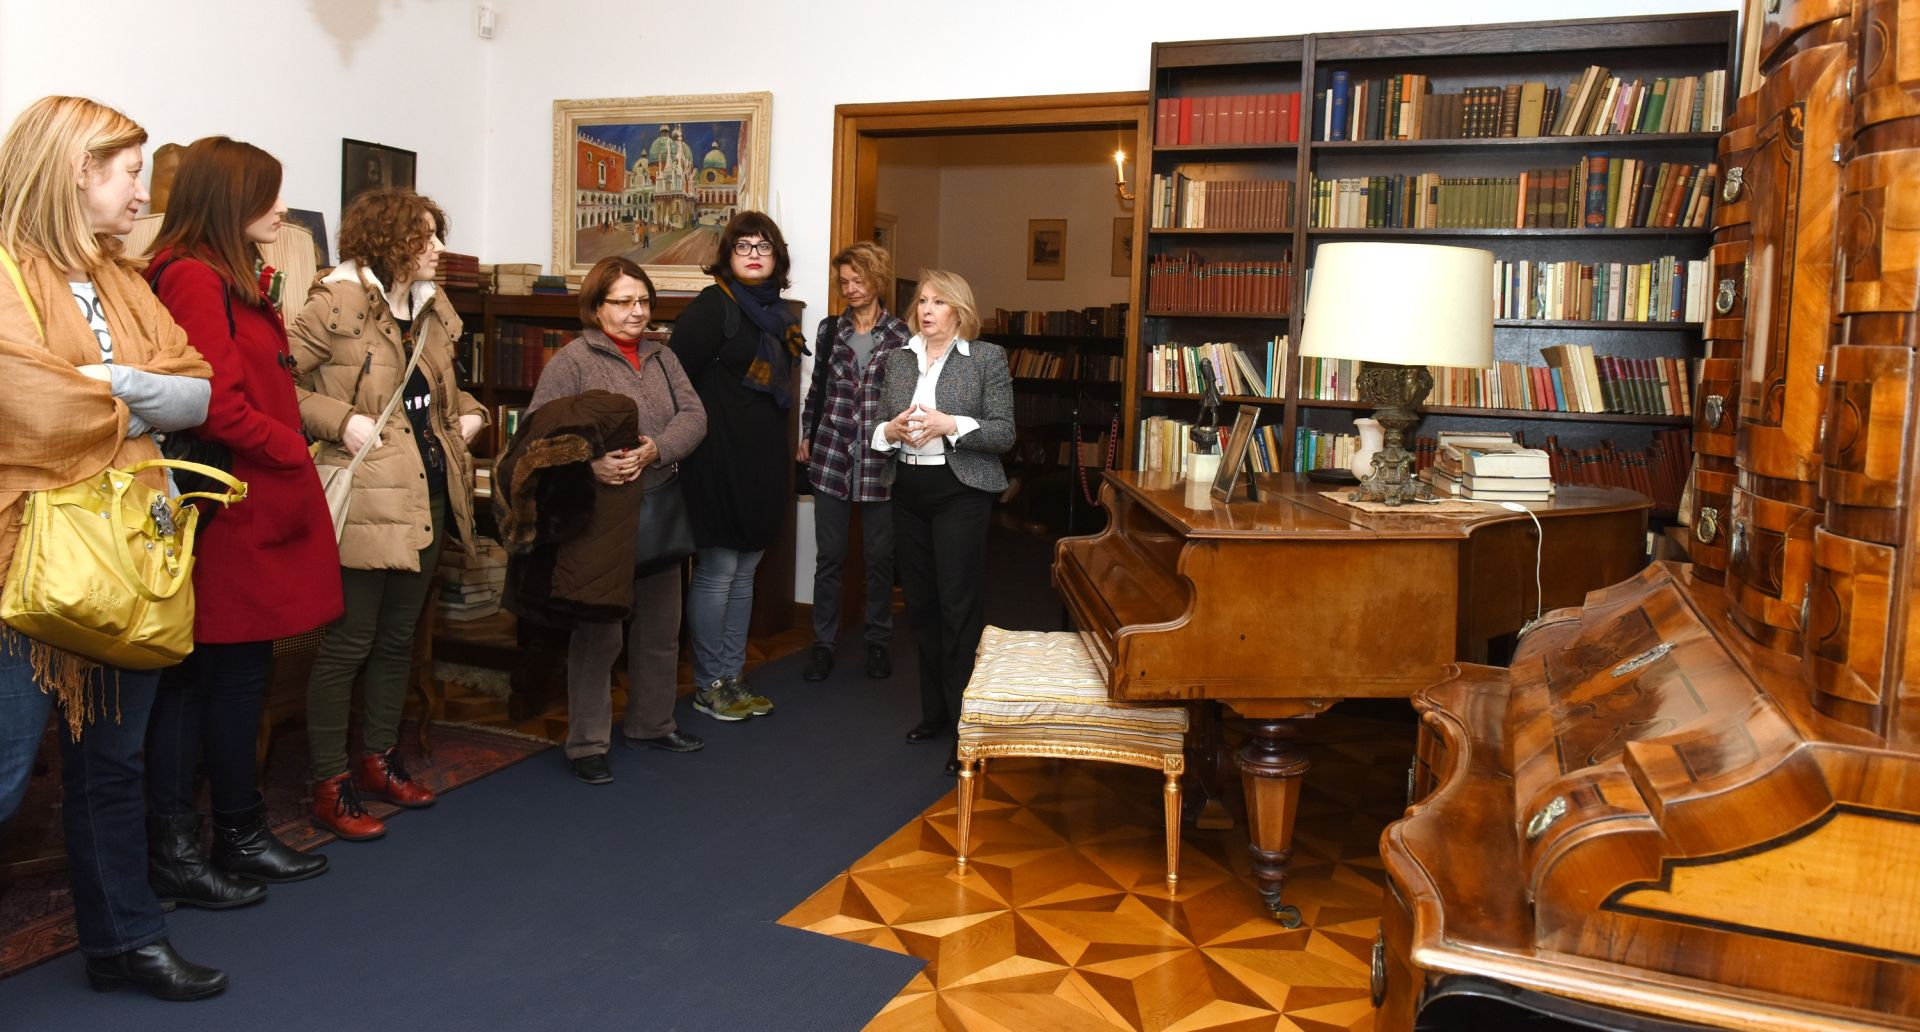 'PUTOVANJE S KRLEŽOM' Upriličen Dan sjećanja na Miroslava Krležu